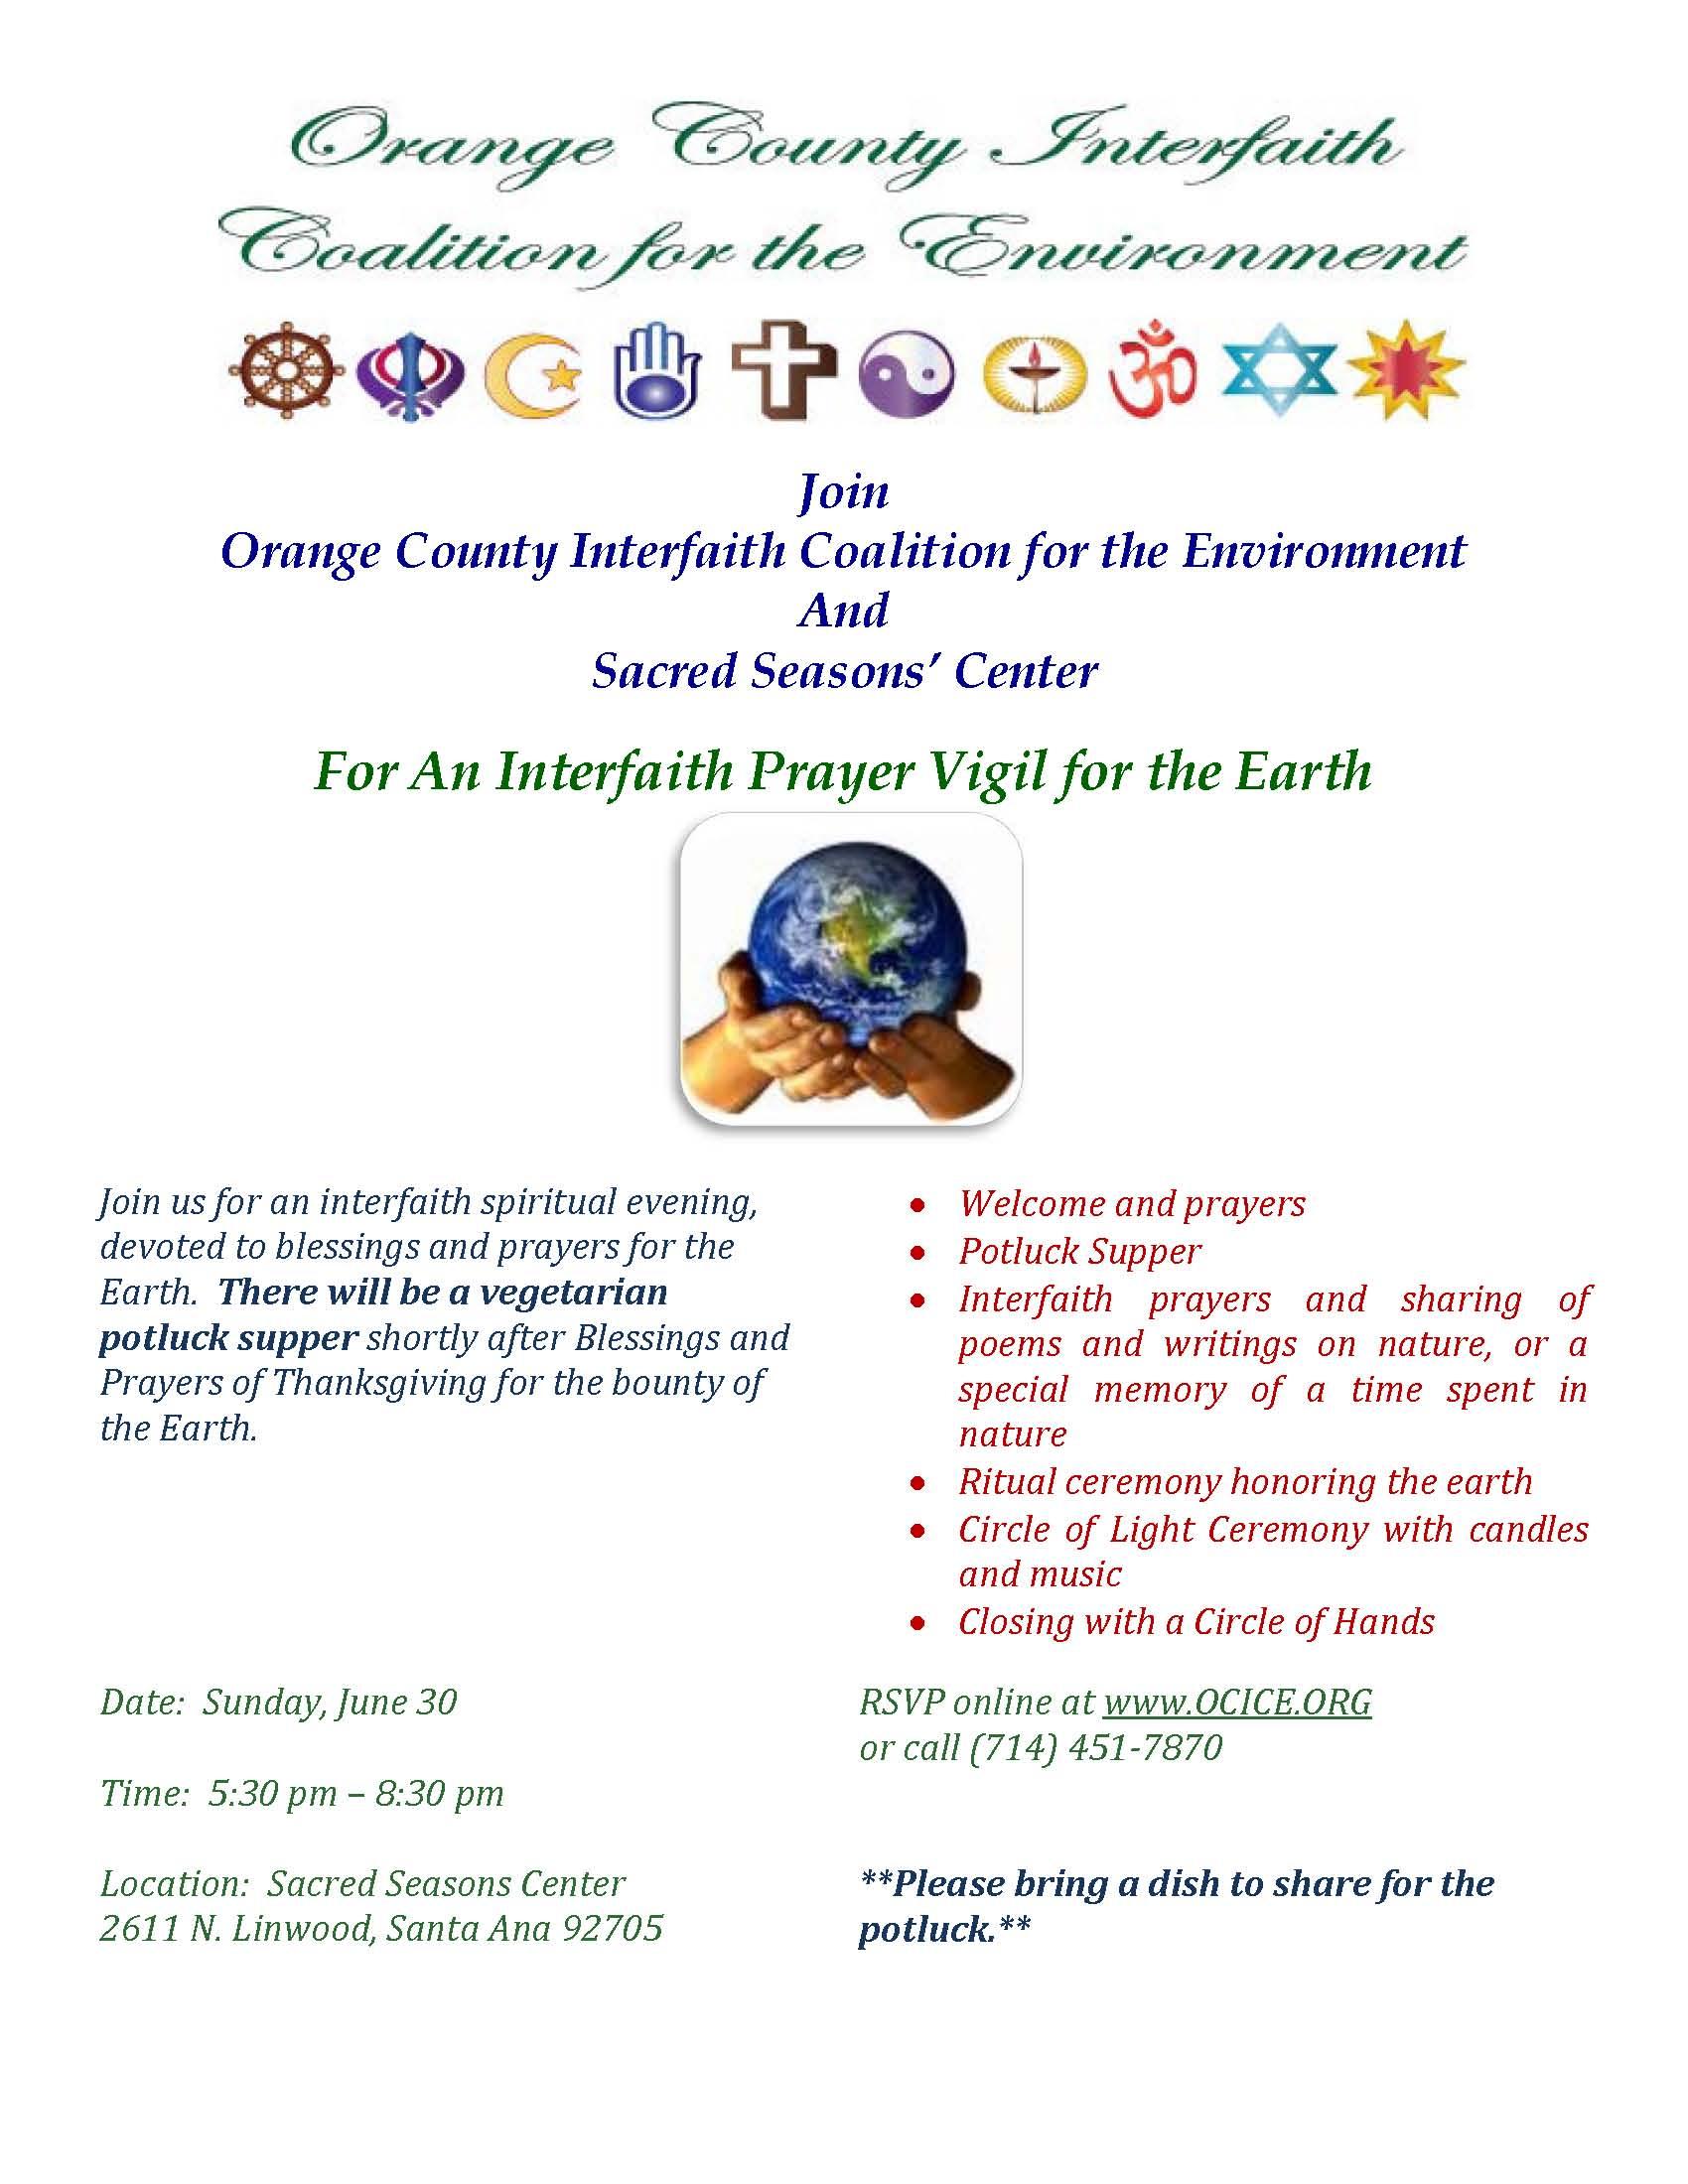 Interfaith_Prayer_Vigil_for_the_Earth.jpg